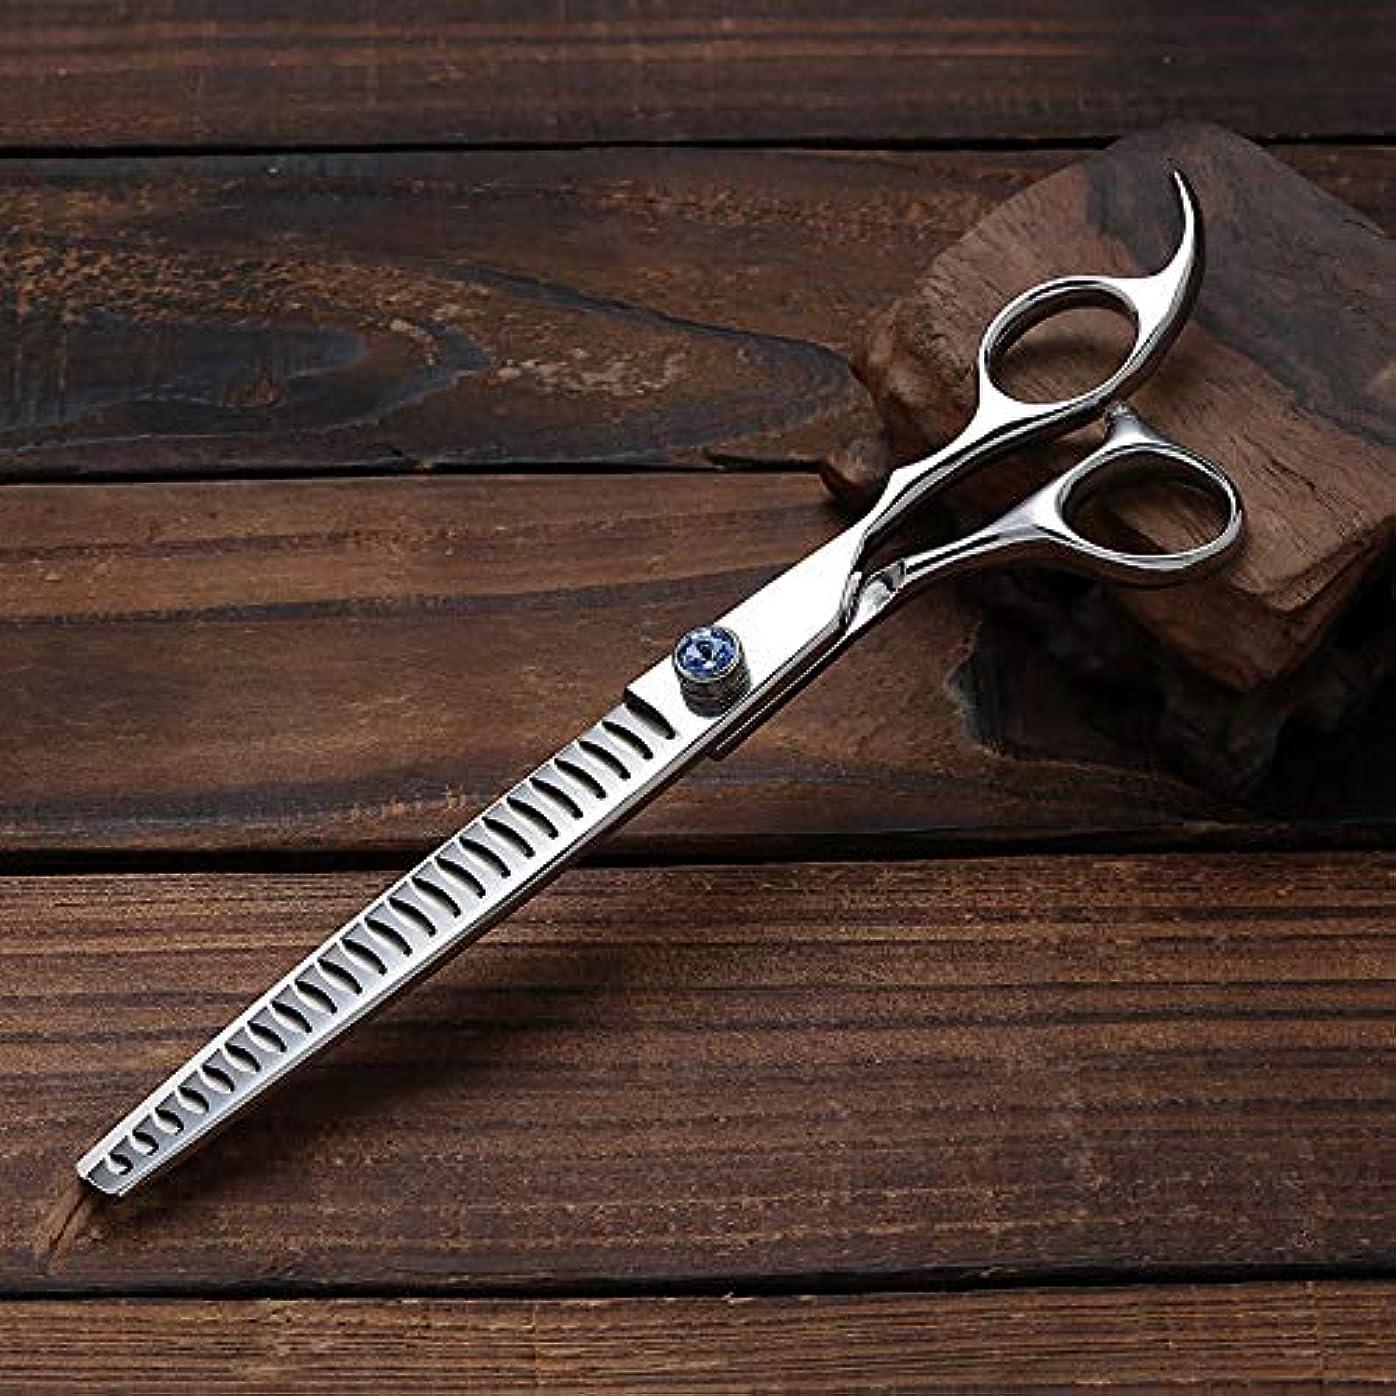 主婦岩準拠理髪用はさみ 8.0インチのペット歯の切口の魚骨はさみ美容はさみの毛の切断はさみステンレス理髪はさみ (色 : ゴールド)